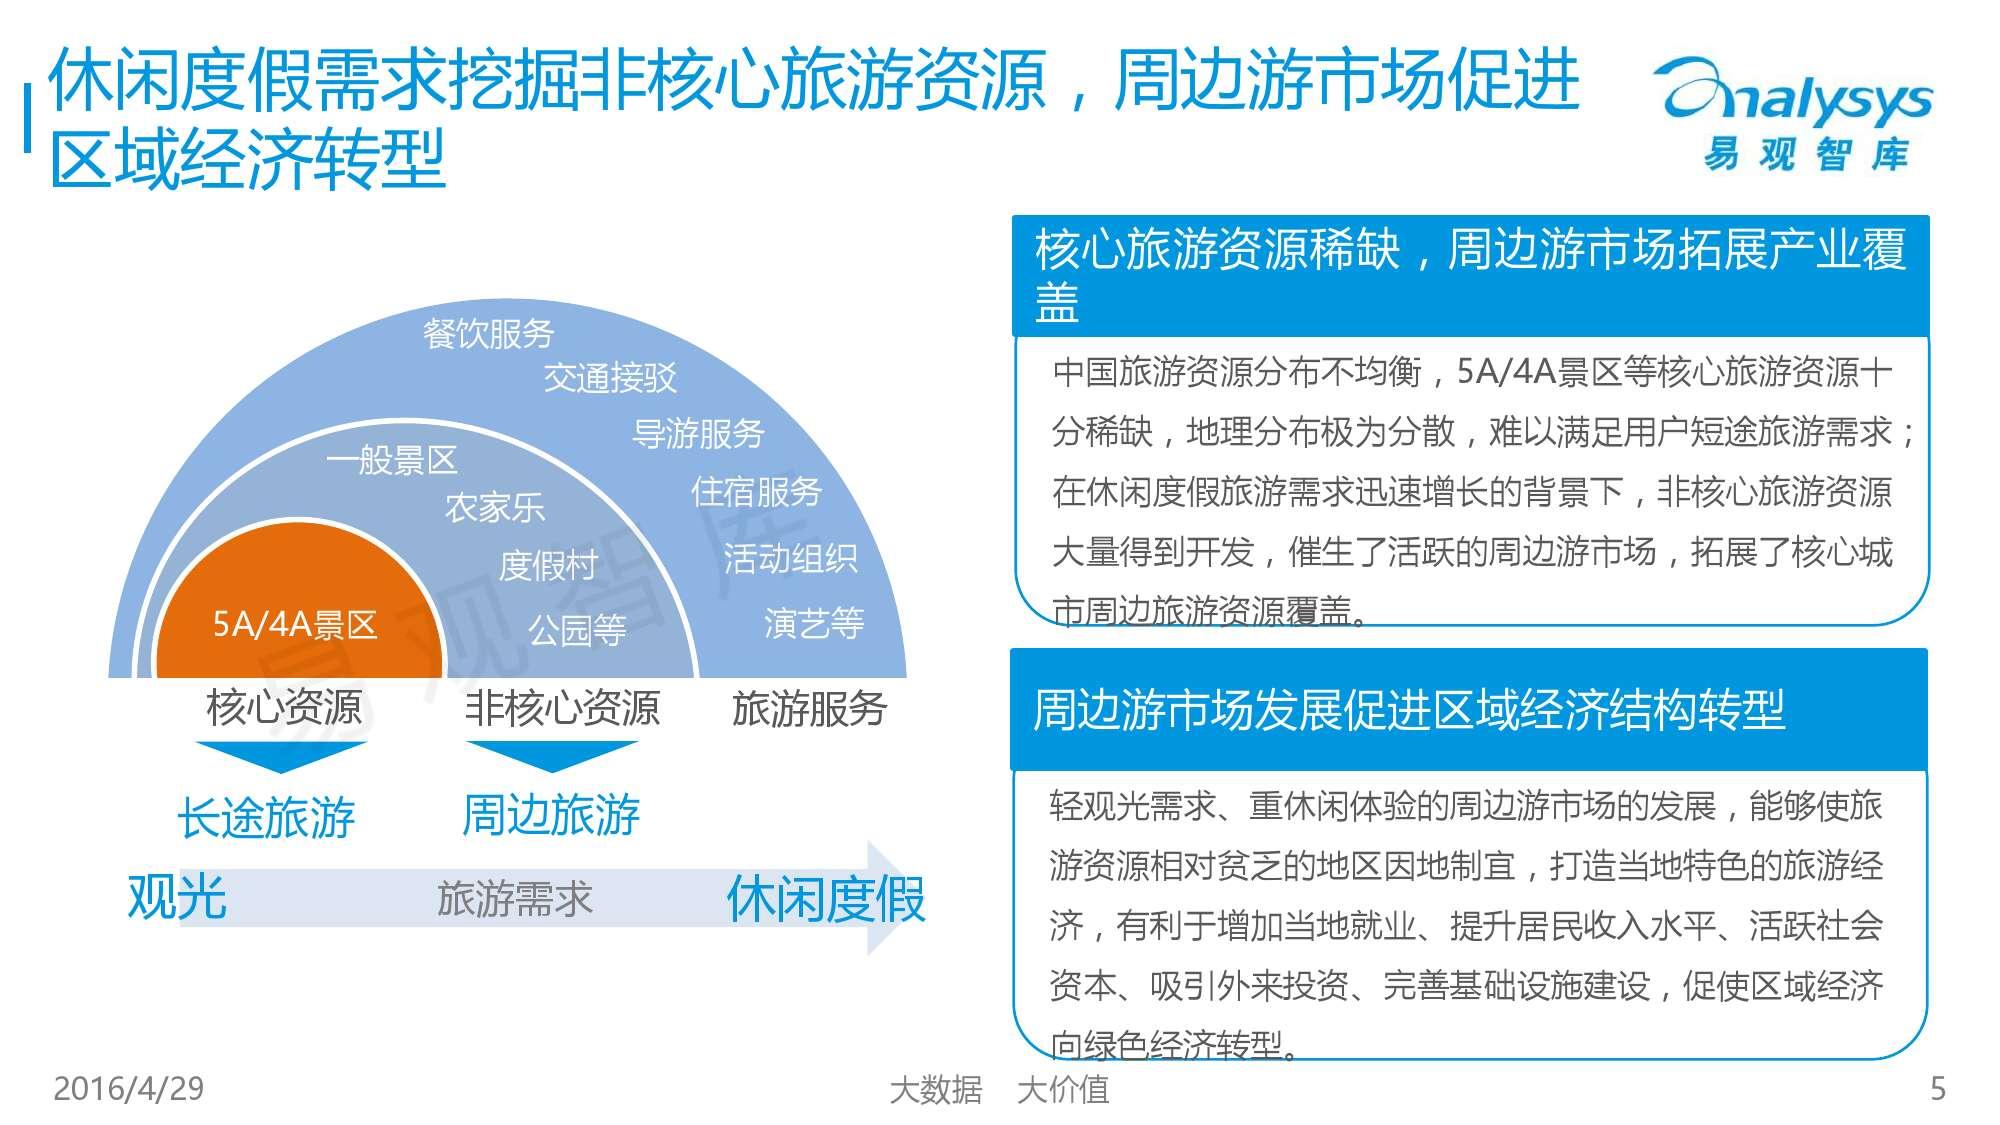 中国在线周边自助游市场专题研究报告2016_000005